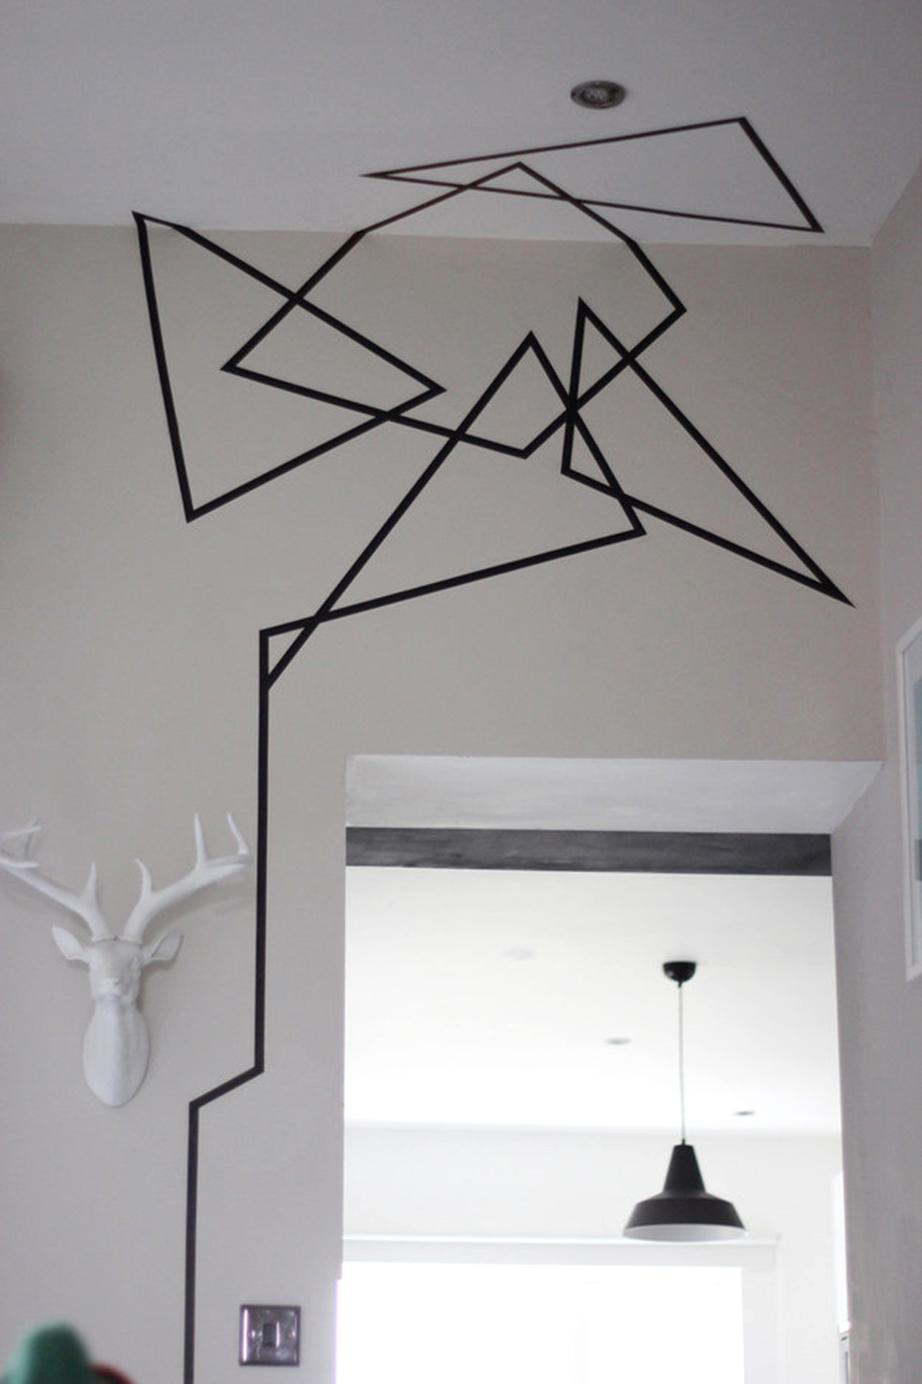 Στο χολ ή το διάδρομο δημιουργήστε γεωμετρικά σχέδια με έμφαση προς την οροφή.